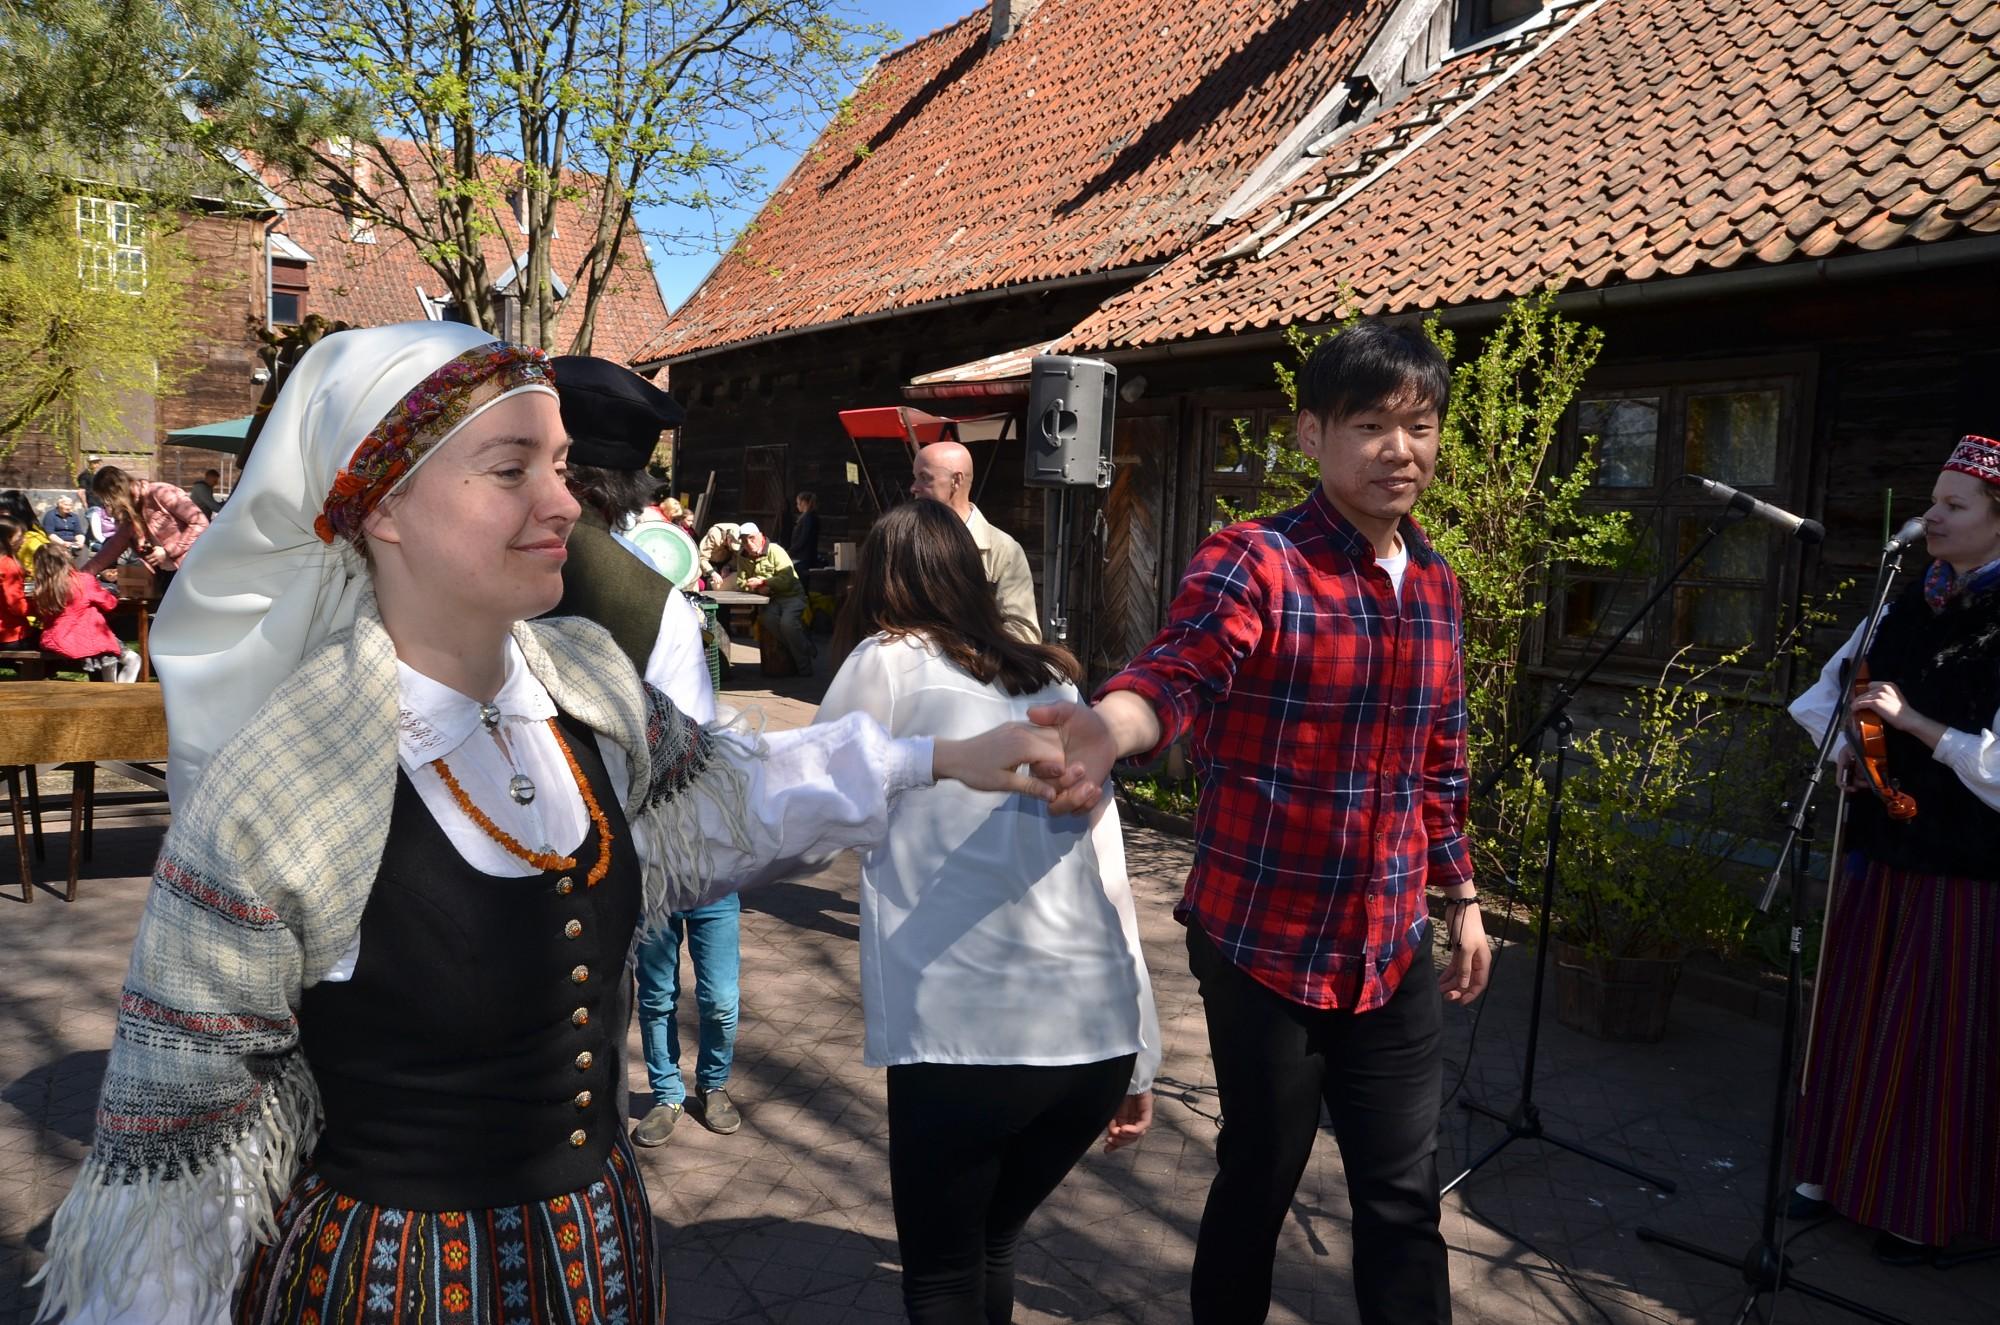 ФОТО: Творческий квартал улицы Кунгу открыл сезон с «Праздником березового сока»